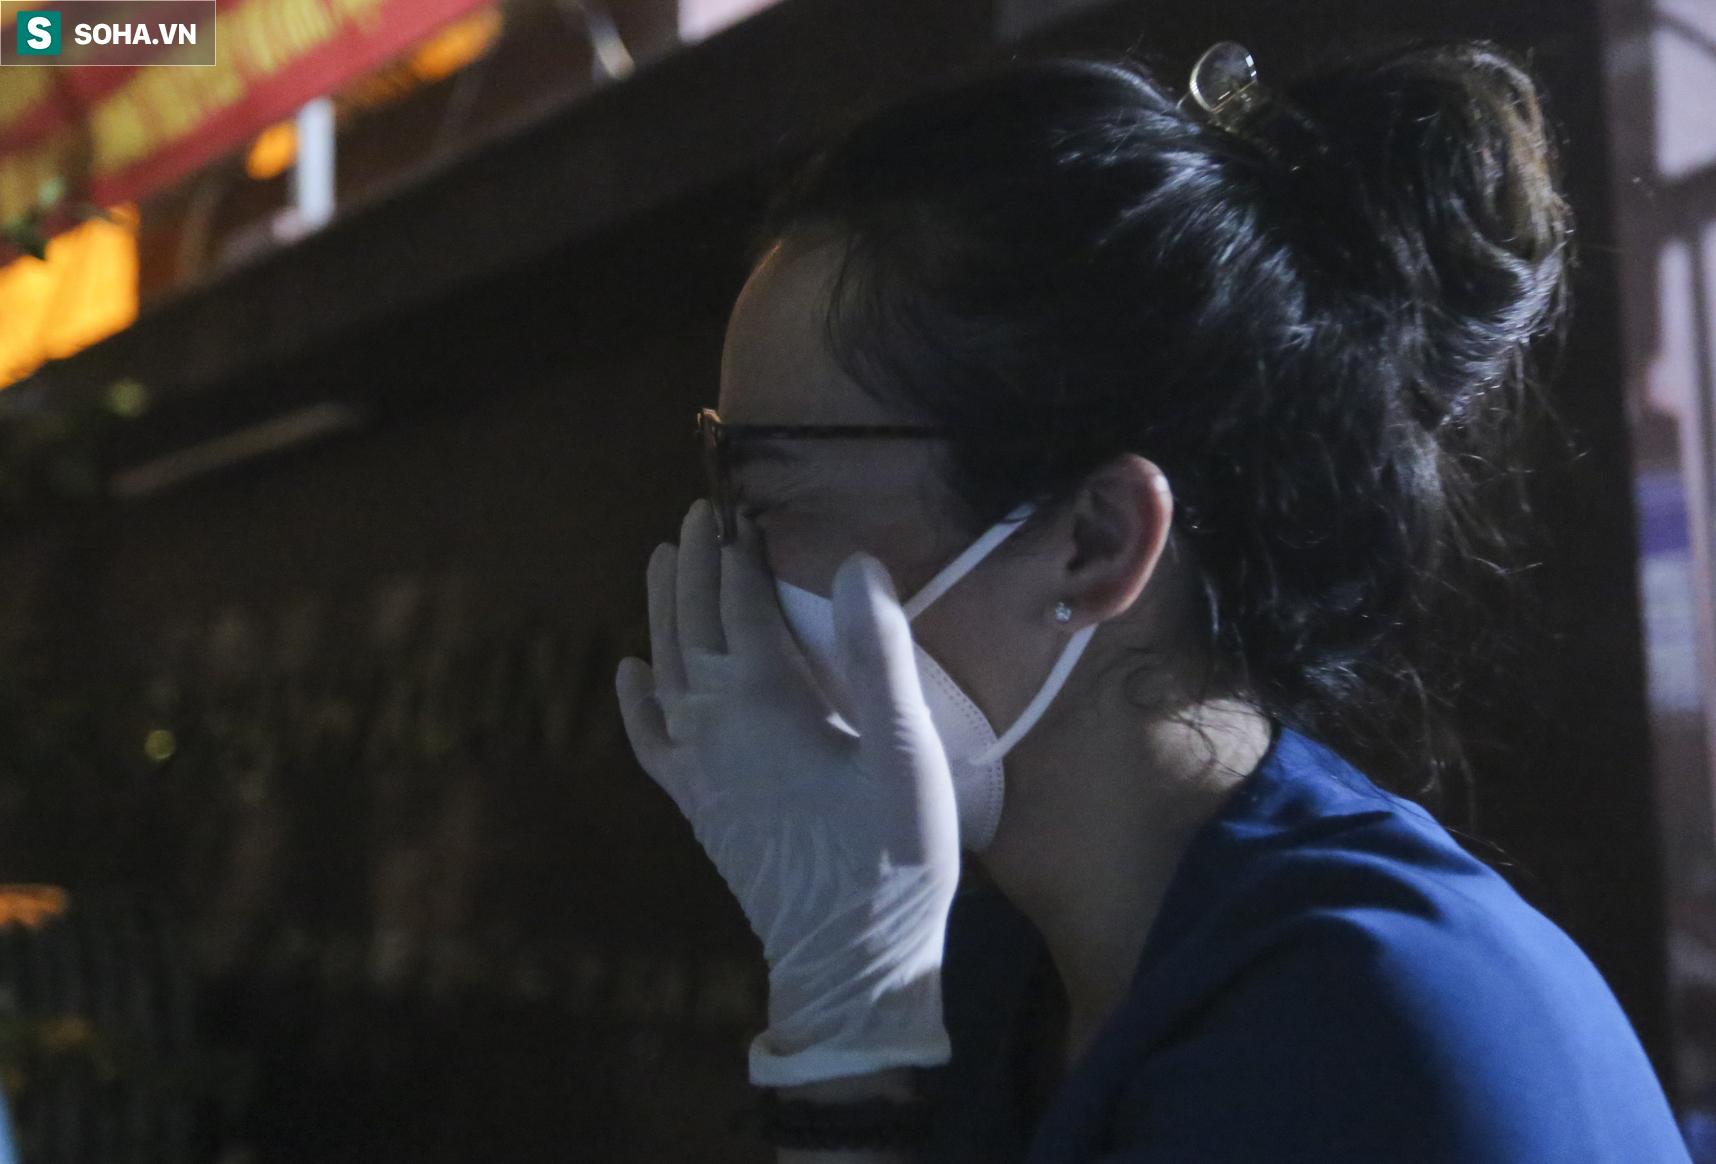 Hà Nội: Dỡ phong toả ổ dịch Thanh Xuân Trung, nhân viên y tế vui mừng bật khóc nức nở - Ảnh 10.